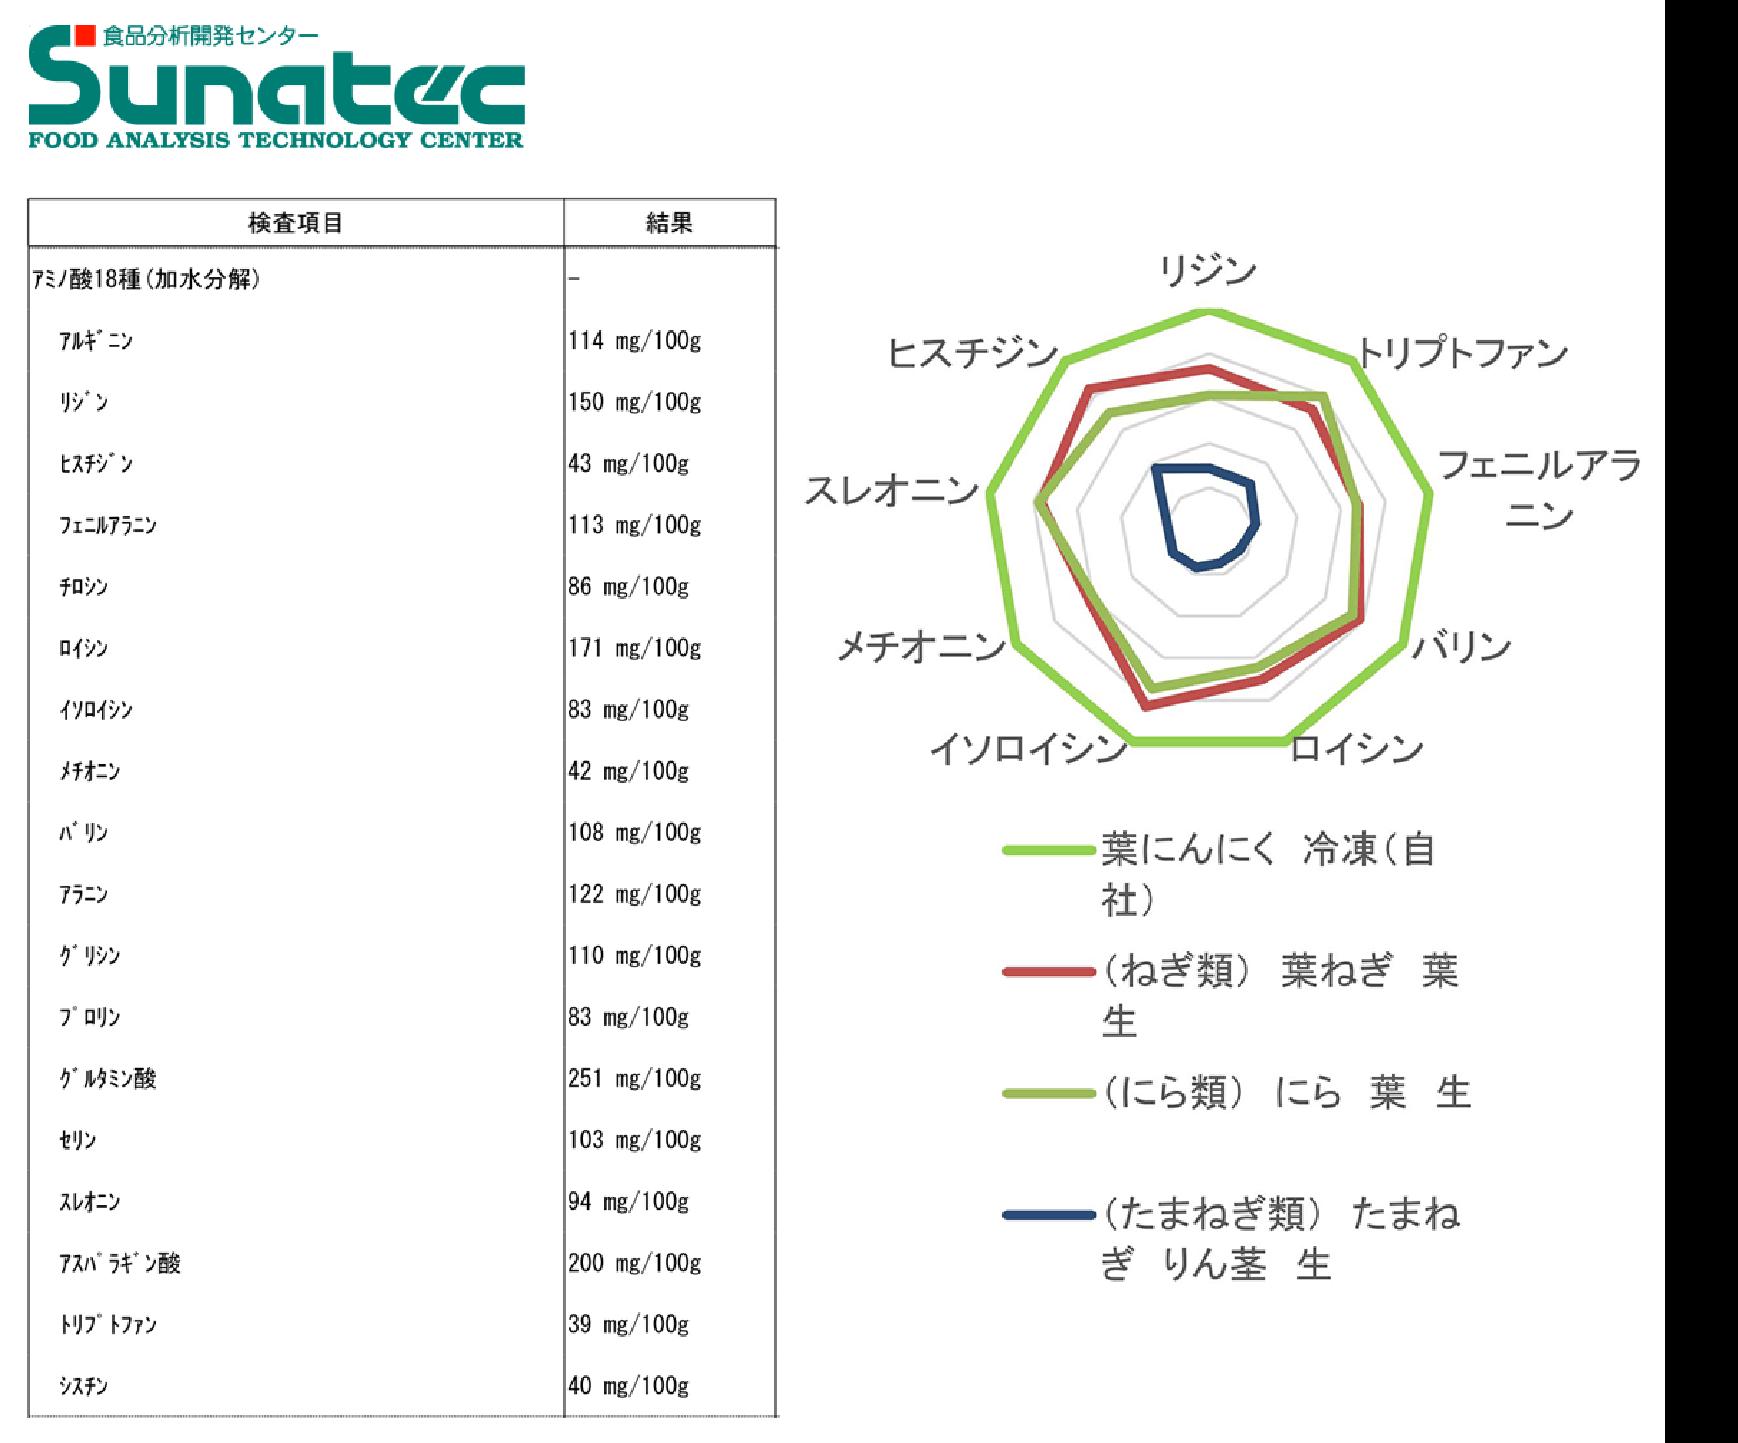 葉ニンニクアミノ酸分析結果表